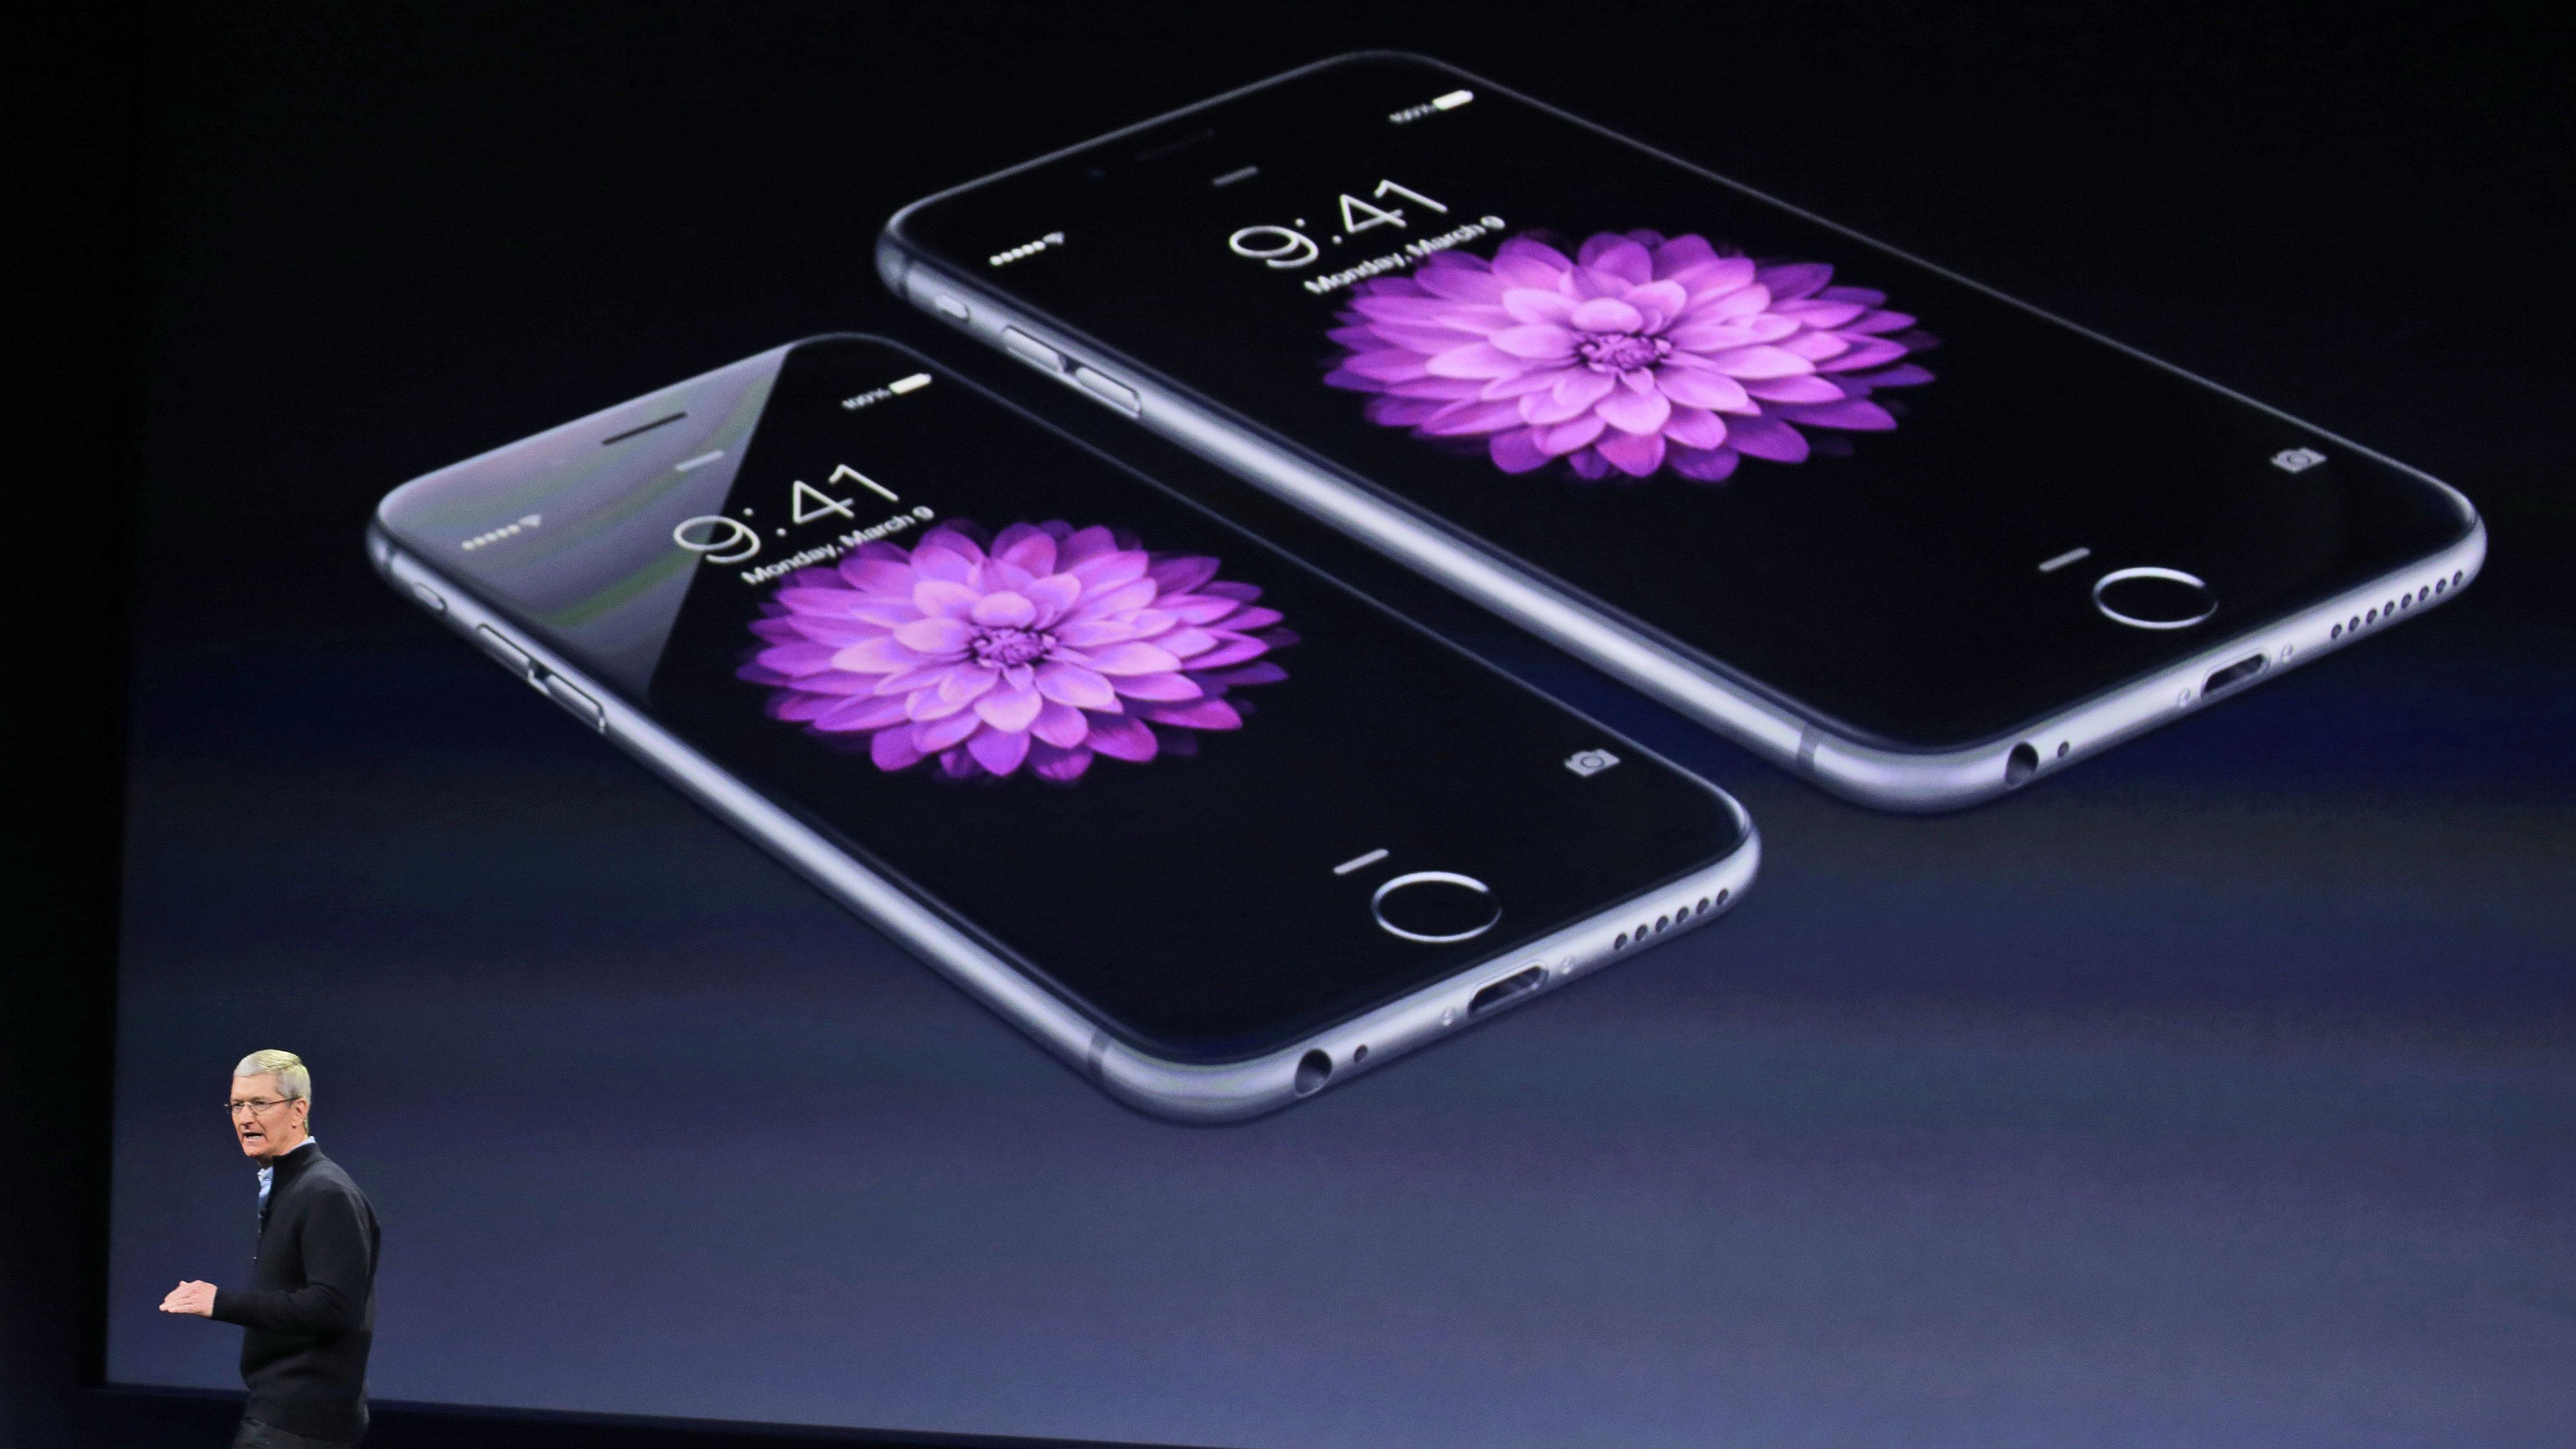 Tim Cook iPhone 6 iPhone 6 Plus